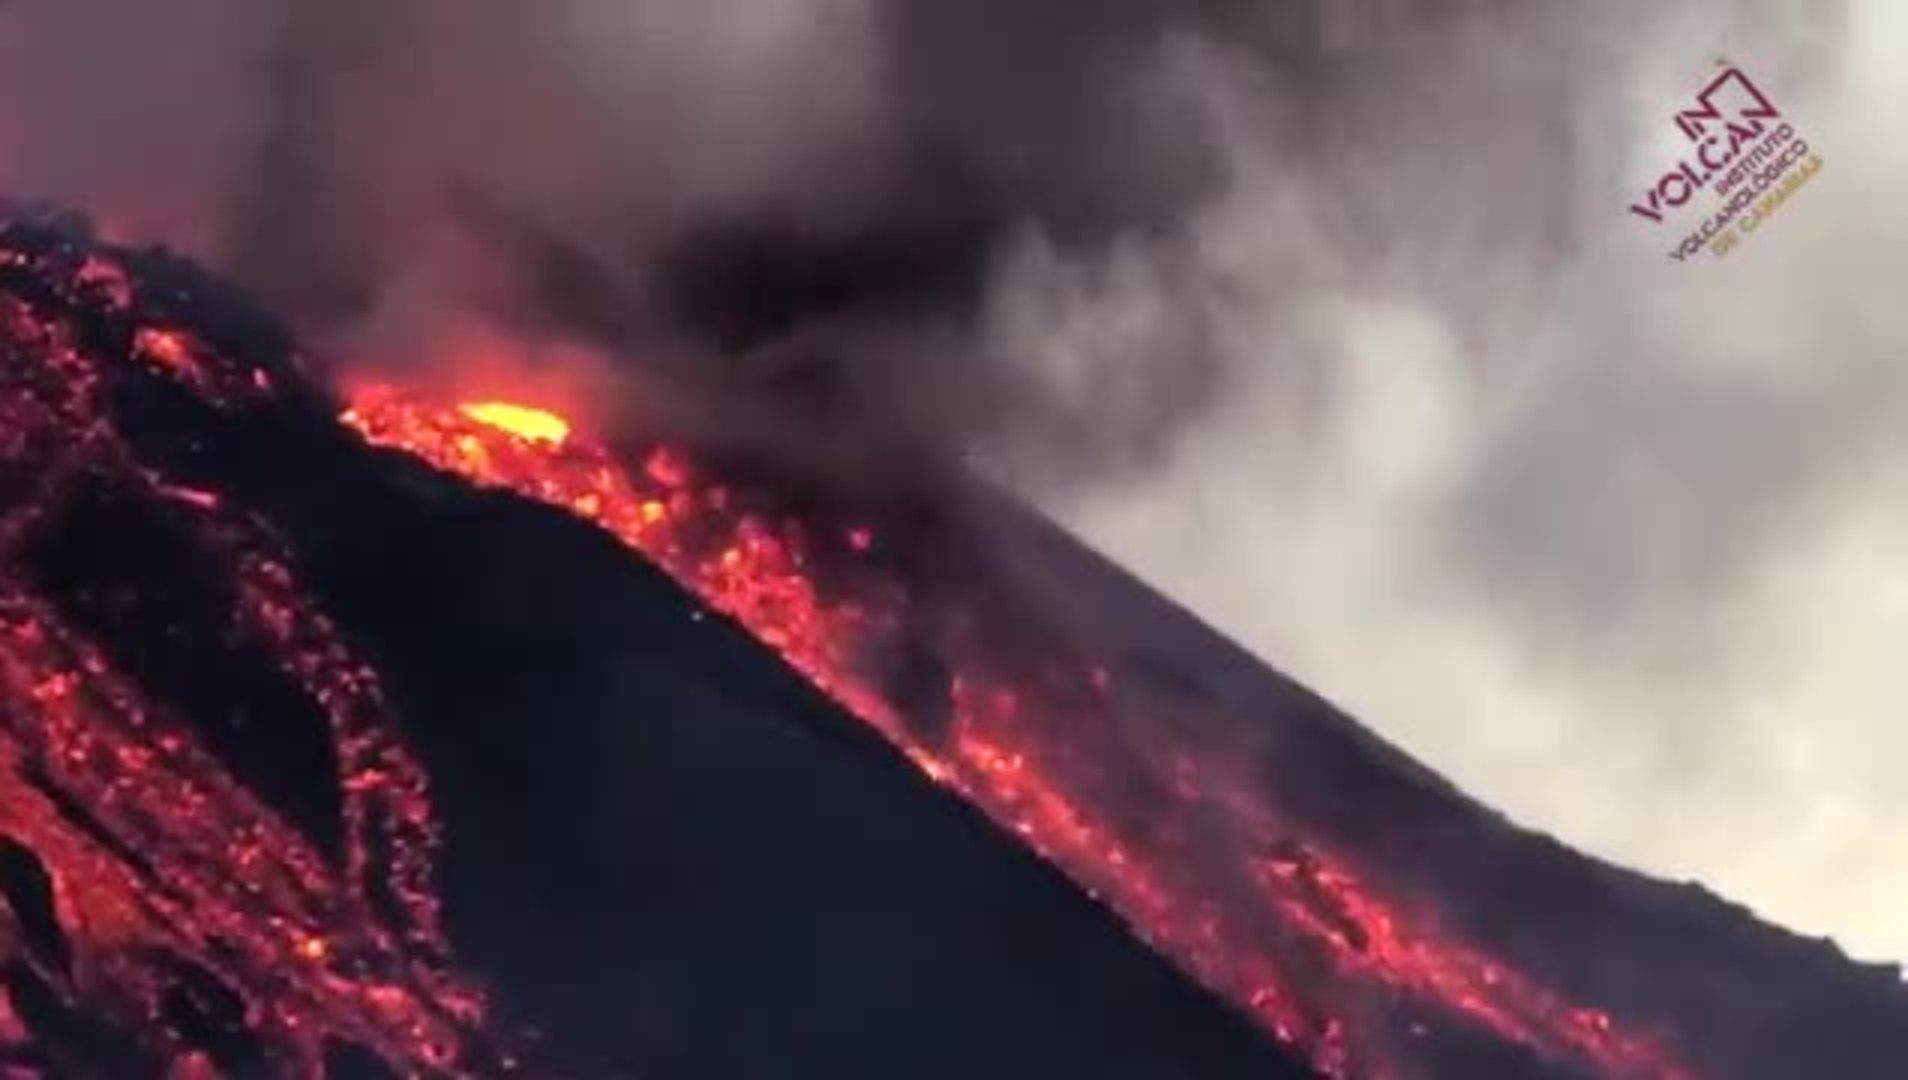 Hace unos minutos se ha partido el cono  y ha provocado más desbordamientos de lava